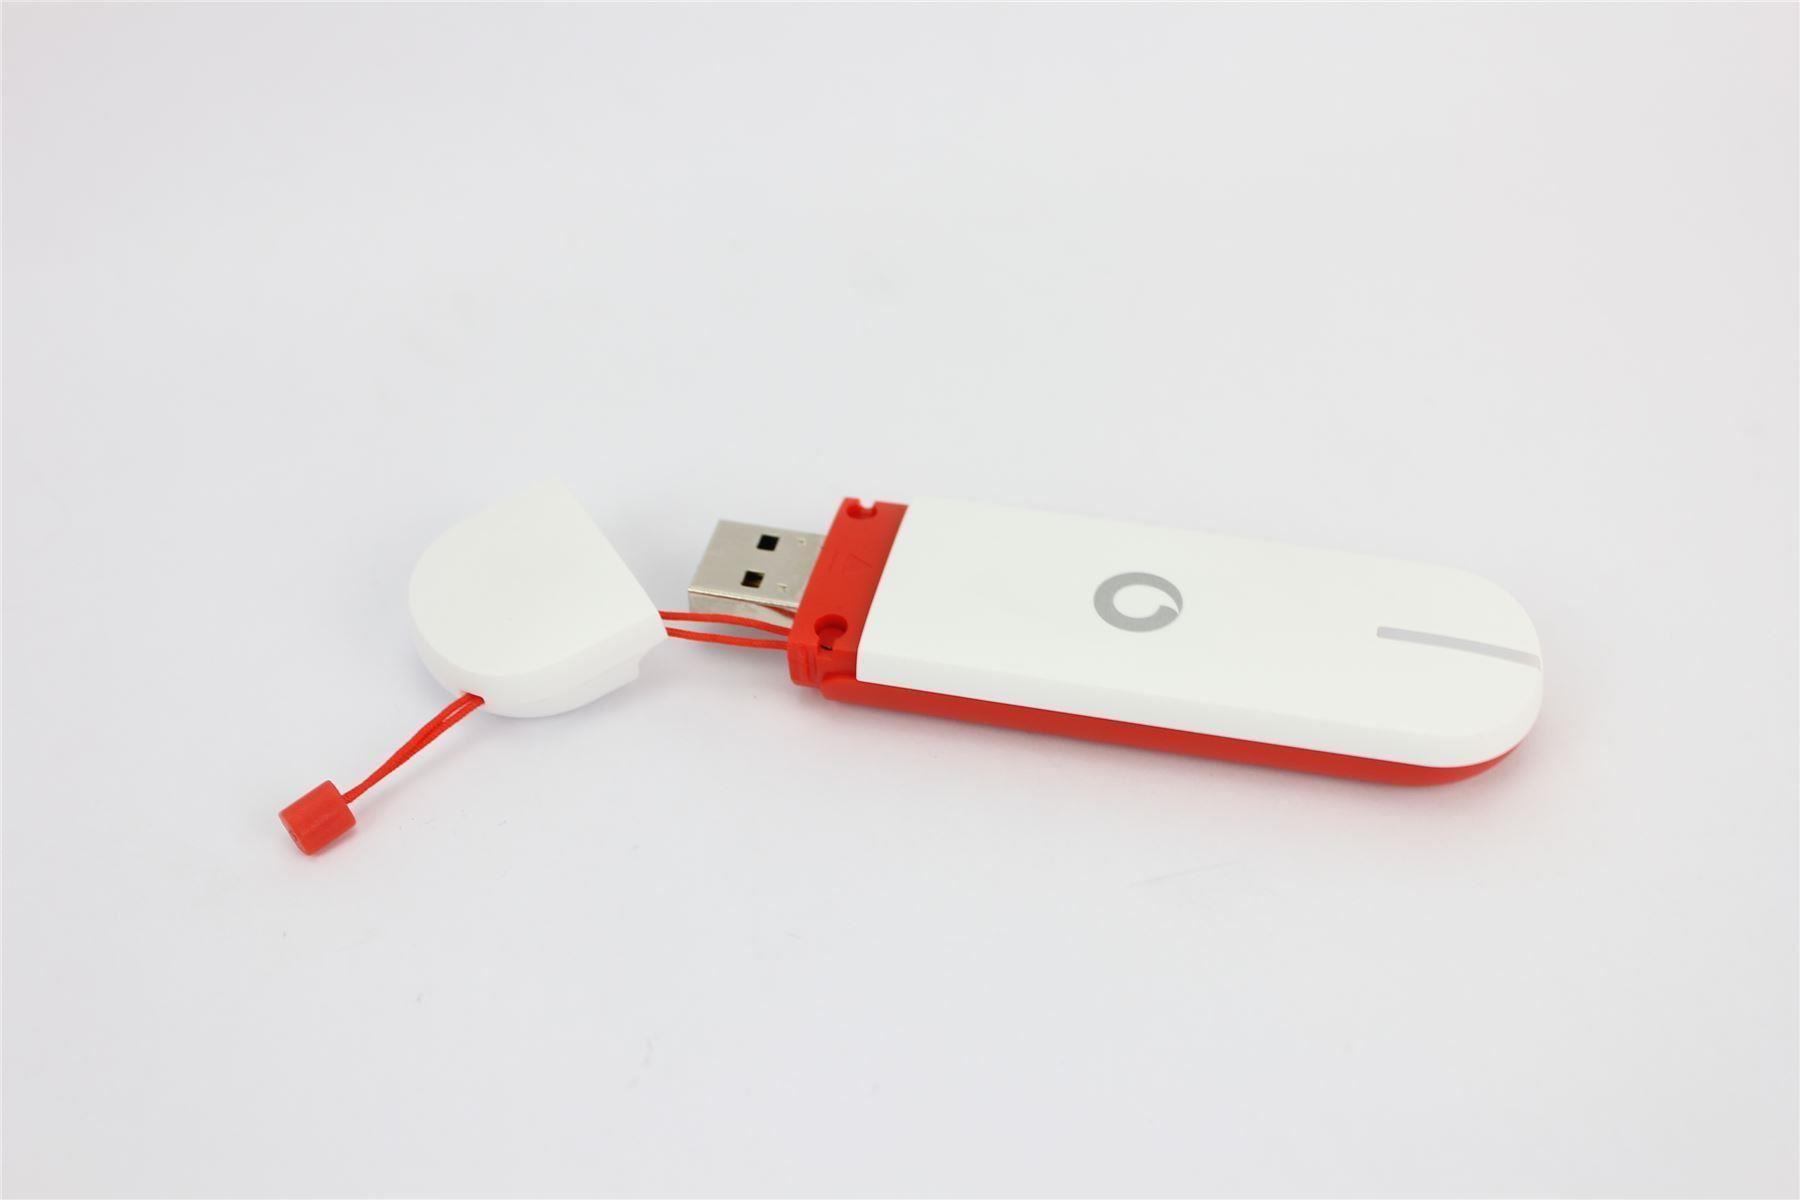 k3772 mobile broadband internet usb stick 3g dongle. Black Bedroom Furniture Sets. Home Design Ideas